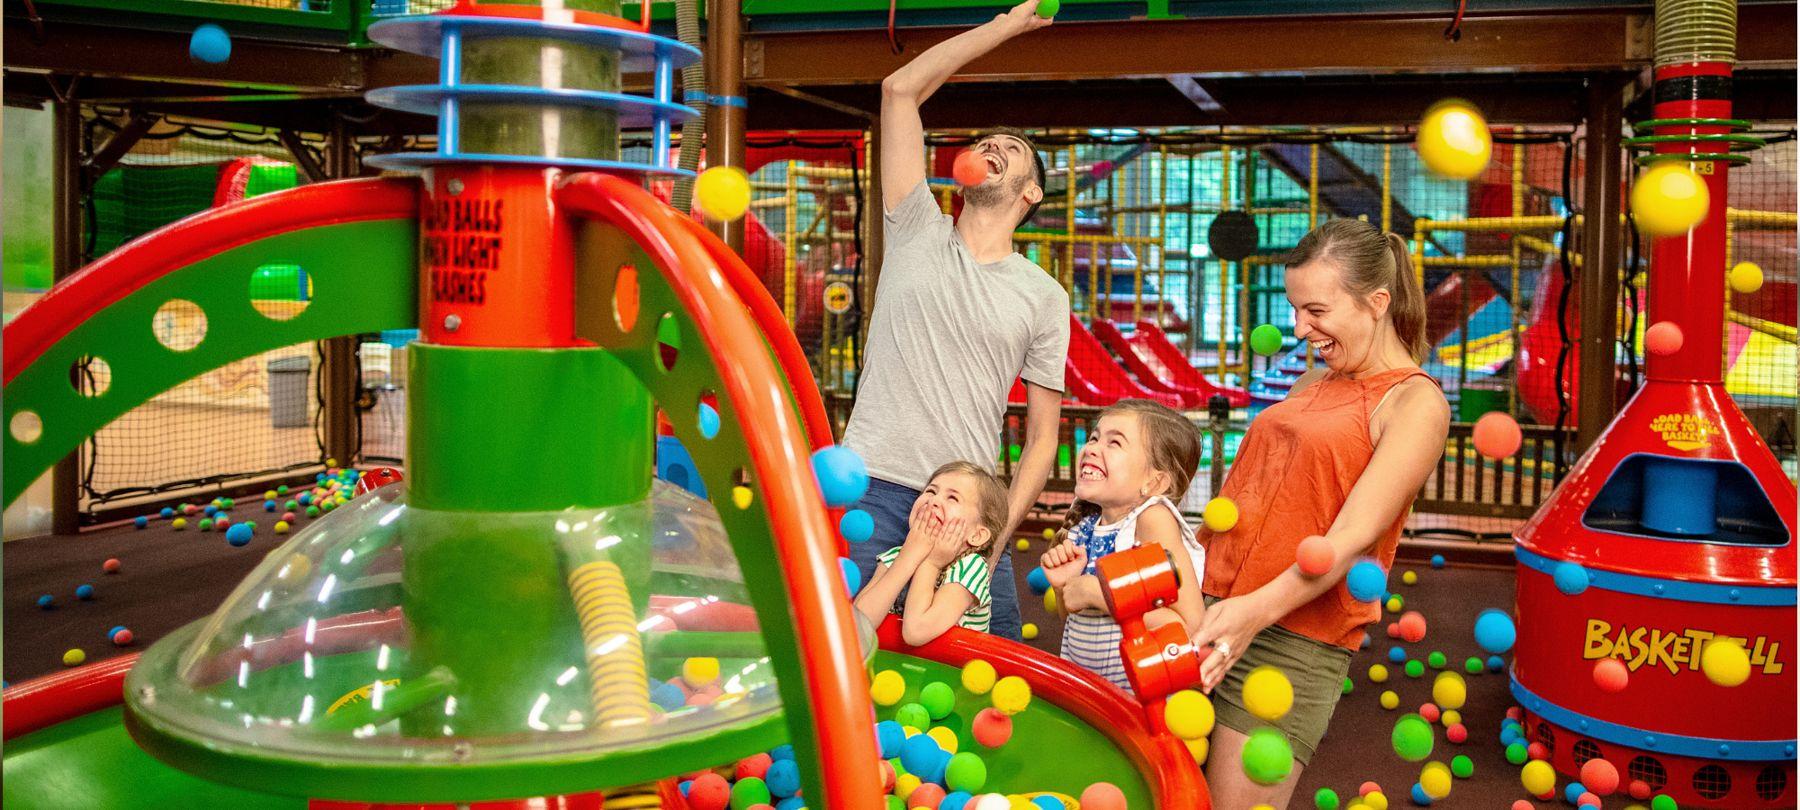 Top 4 Des Meilleures Activités Pour Les Moins De 5 Ans dedans Jeux Pour Enfant De 5 Ans